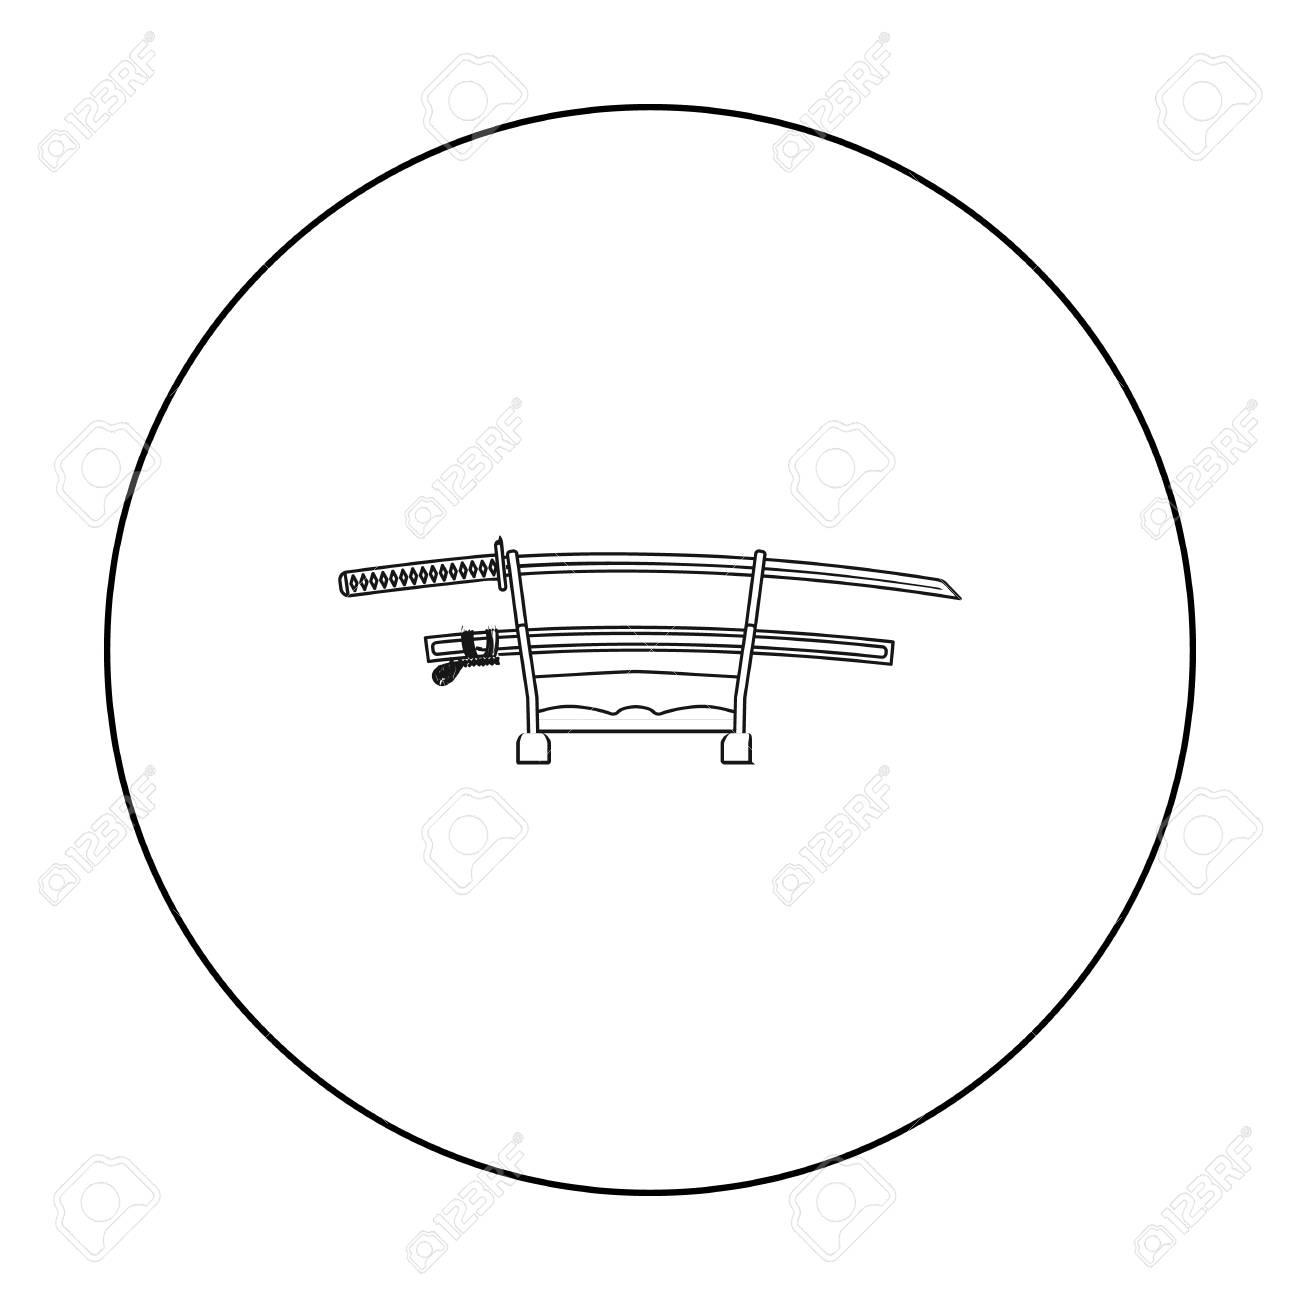 hight resolution of foto de archivo icono de katana en estilo de contorno aislado sobre fondo blanco ilustraci n de vector stock jap n s mbolo